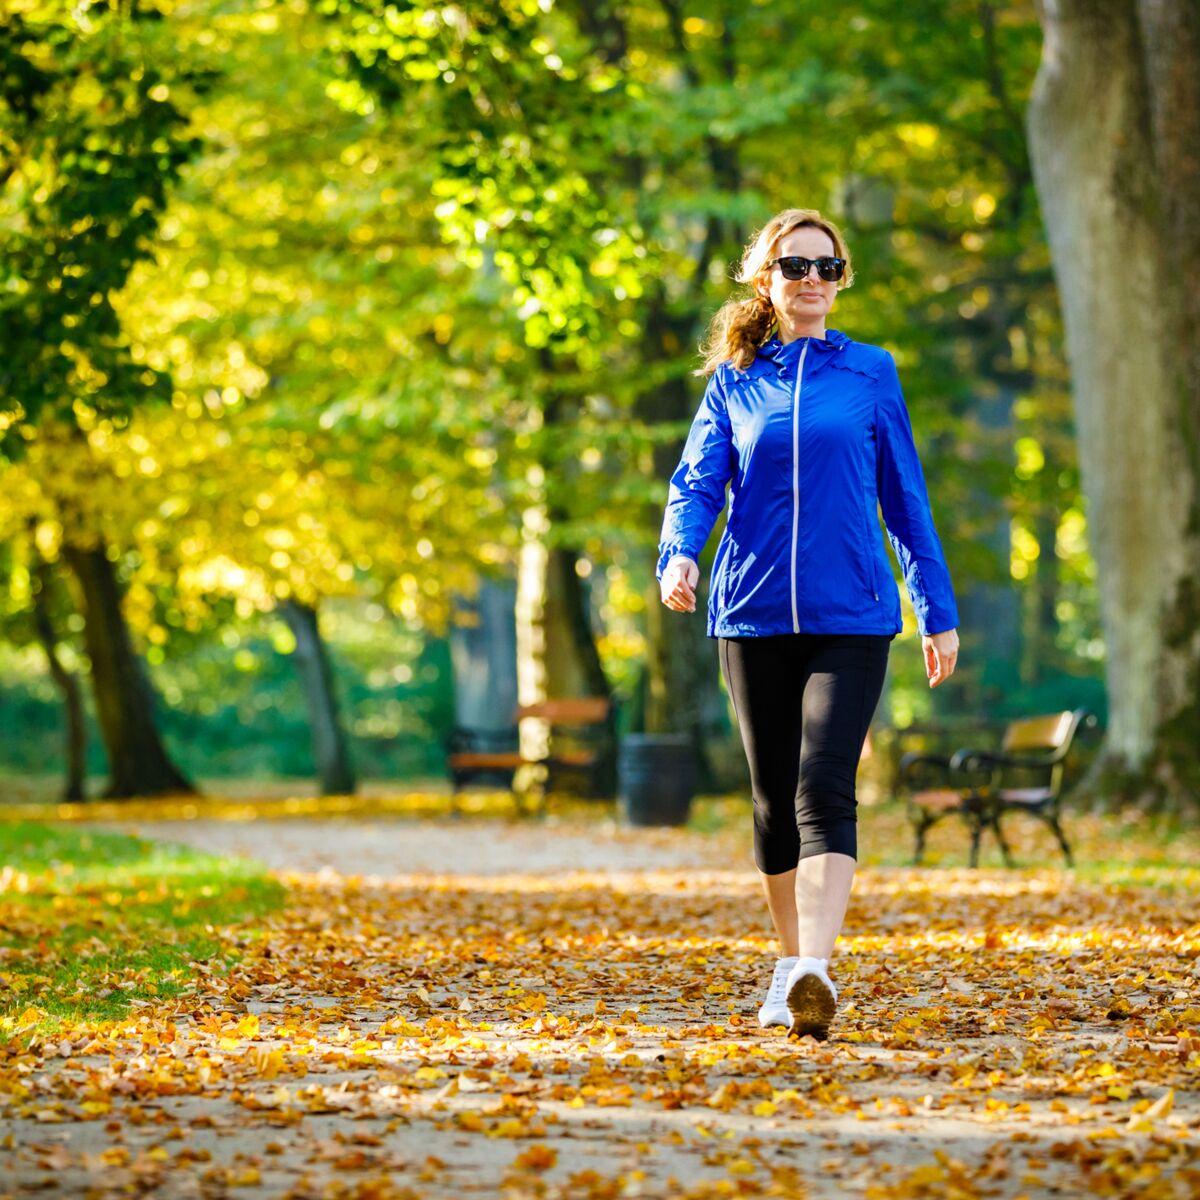 10 erreurs communes quand on marche pour perdre du poids | Sport equipements